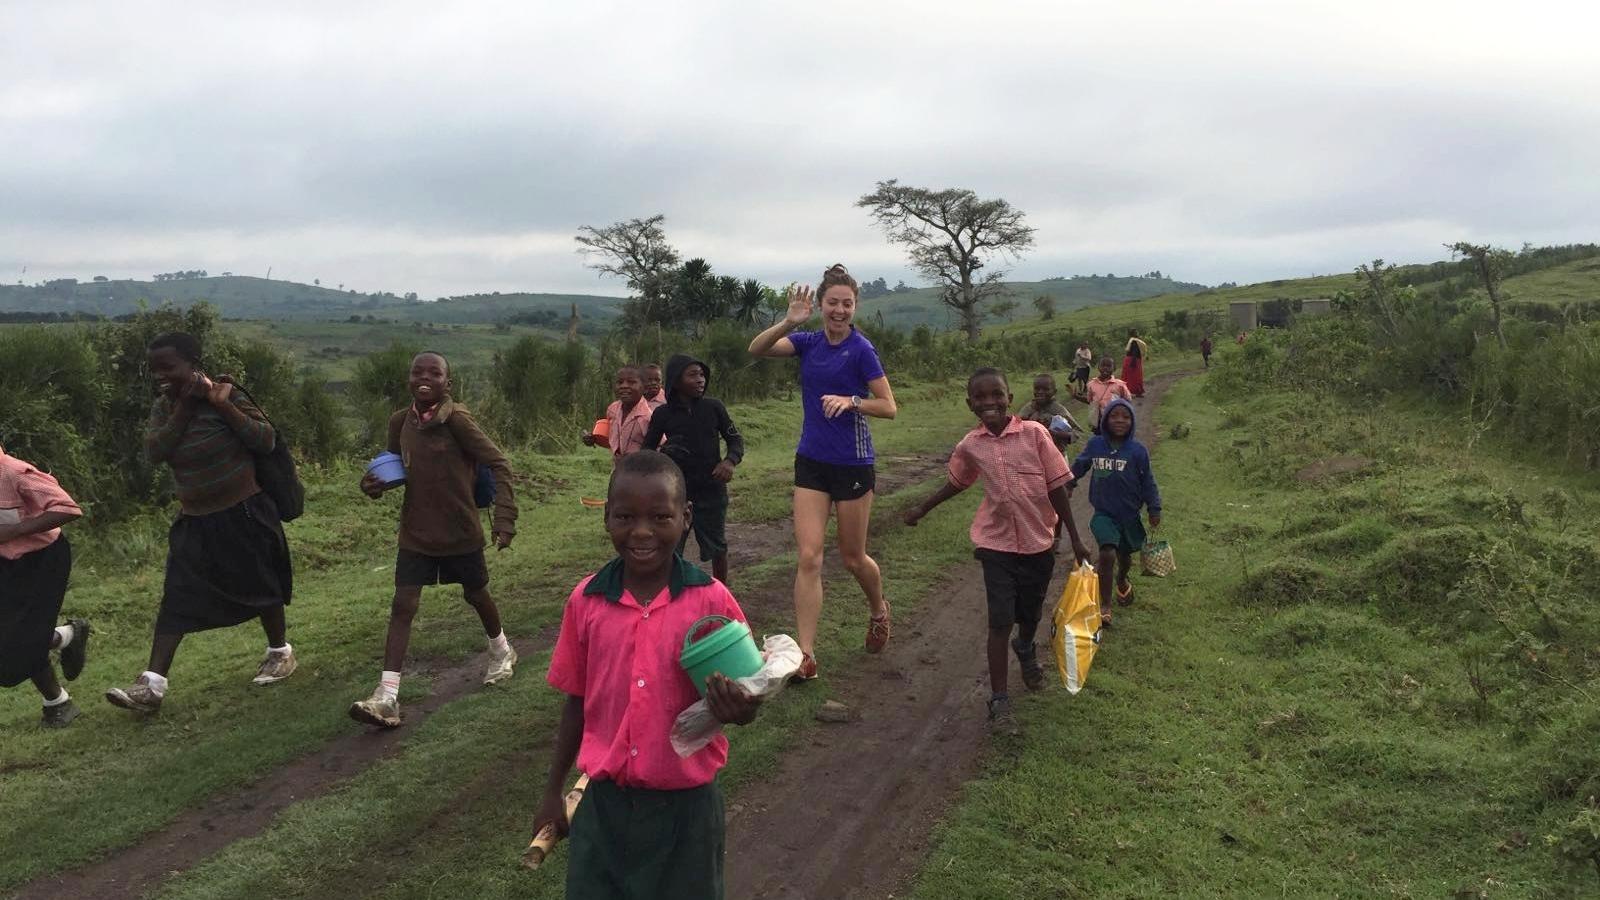 Running the Rift Marathon, Ellie Lacey